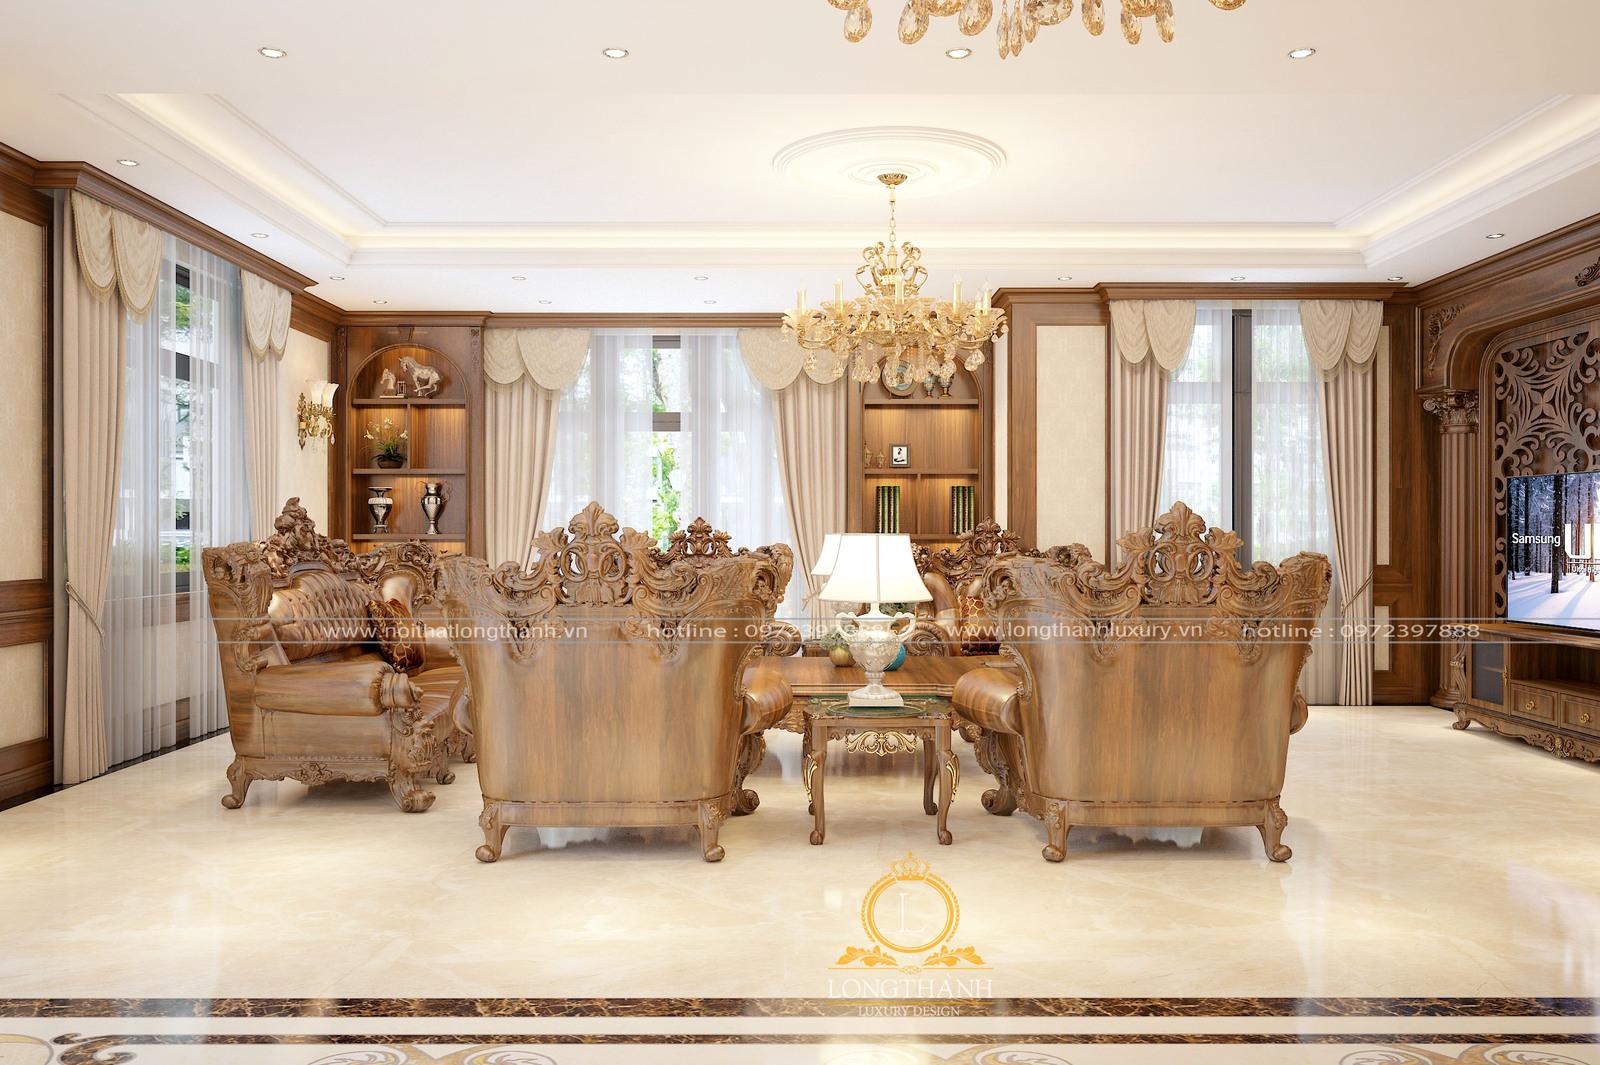 mẫu thiết kế nội thất phòng khách nhà biệt thự LT01